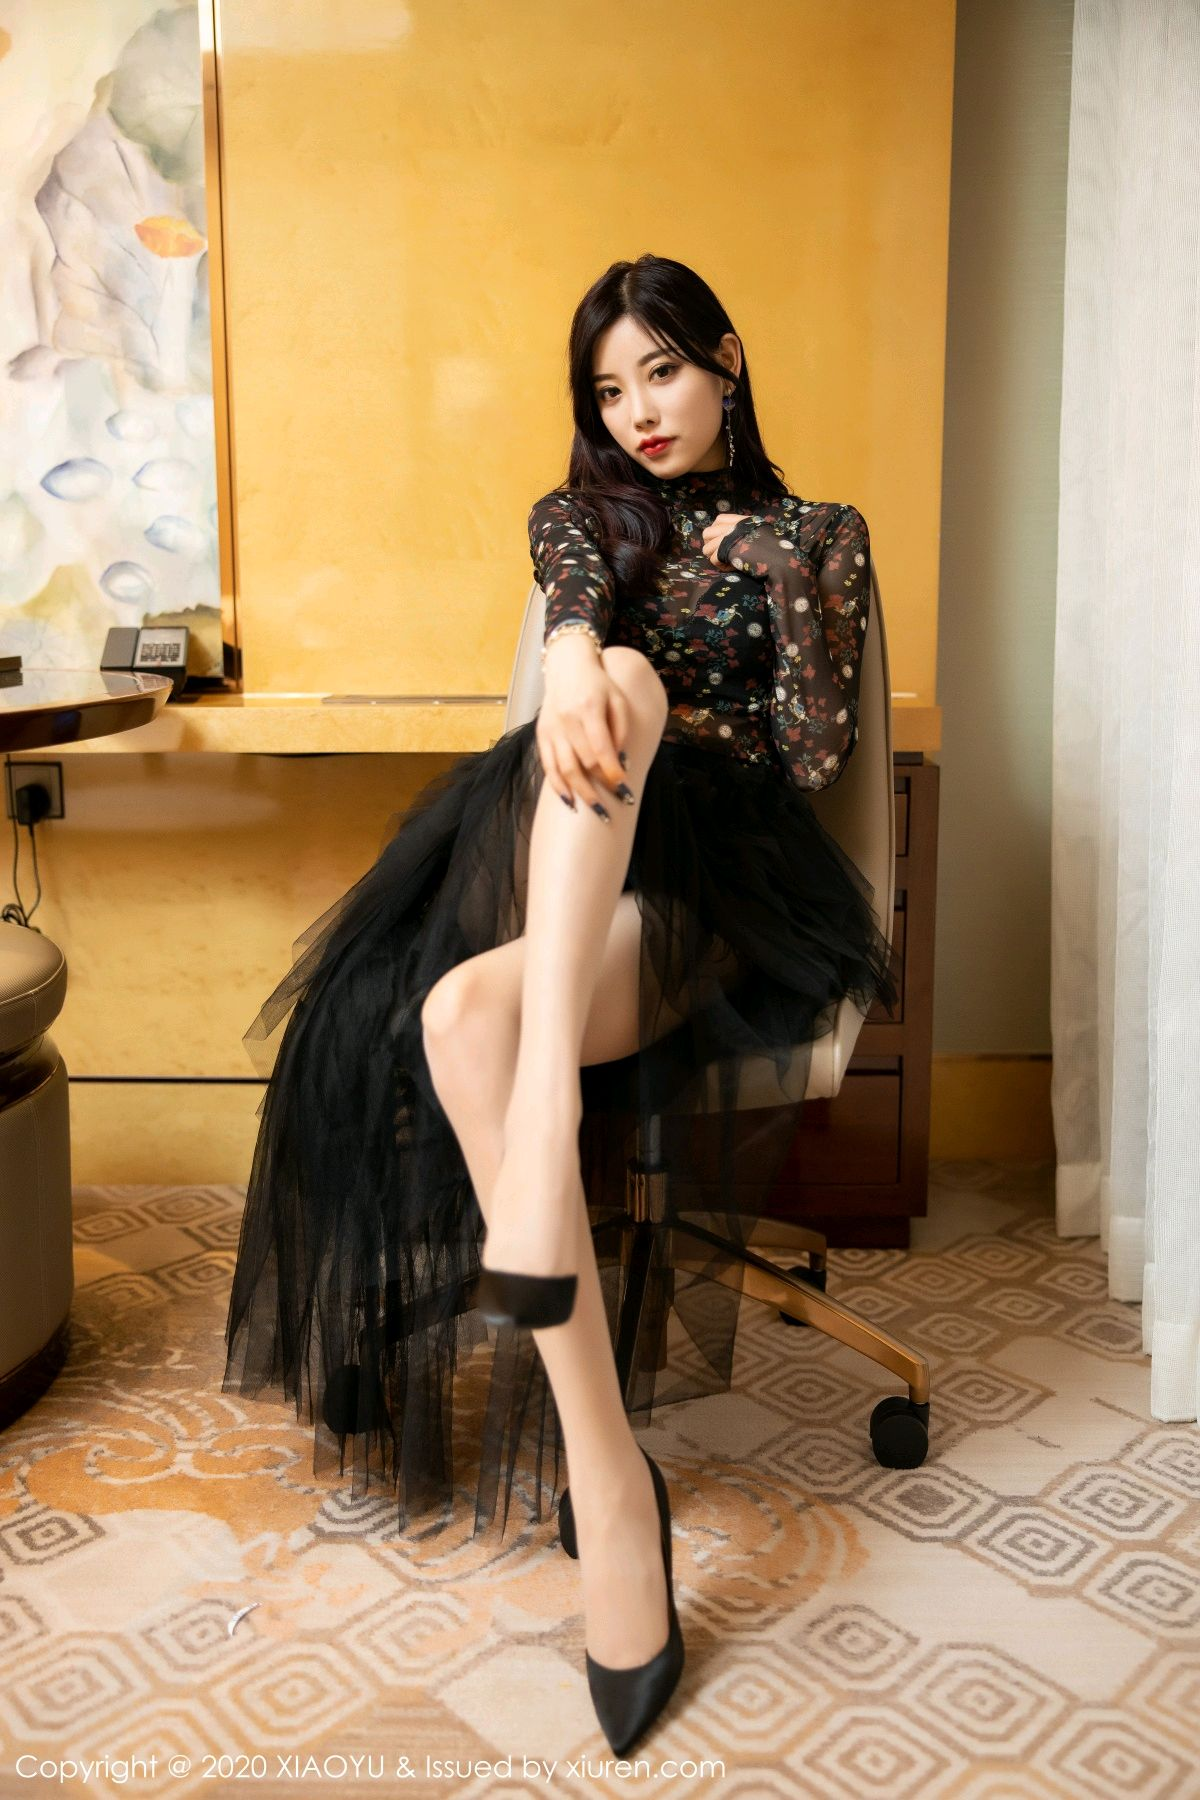 [XiaoYu] Vol.289 Yang Chen Chen 23P, Underwear, XiaoYu, Yang Chen Chen